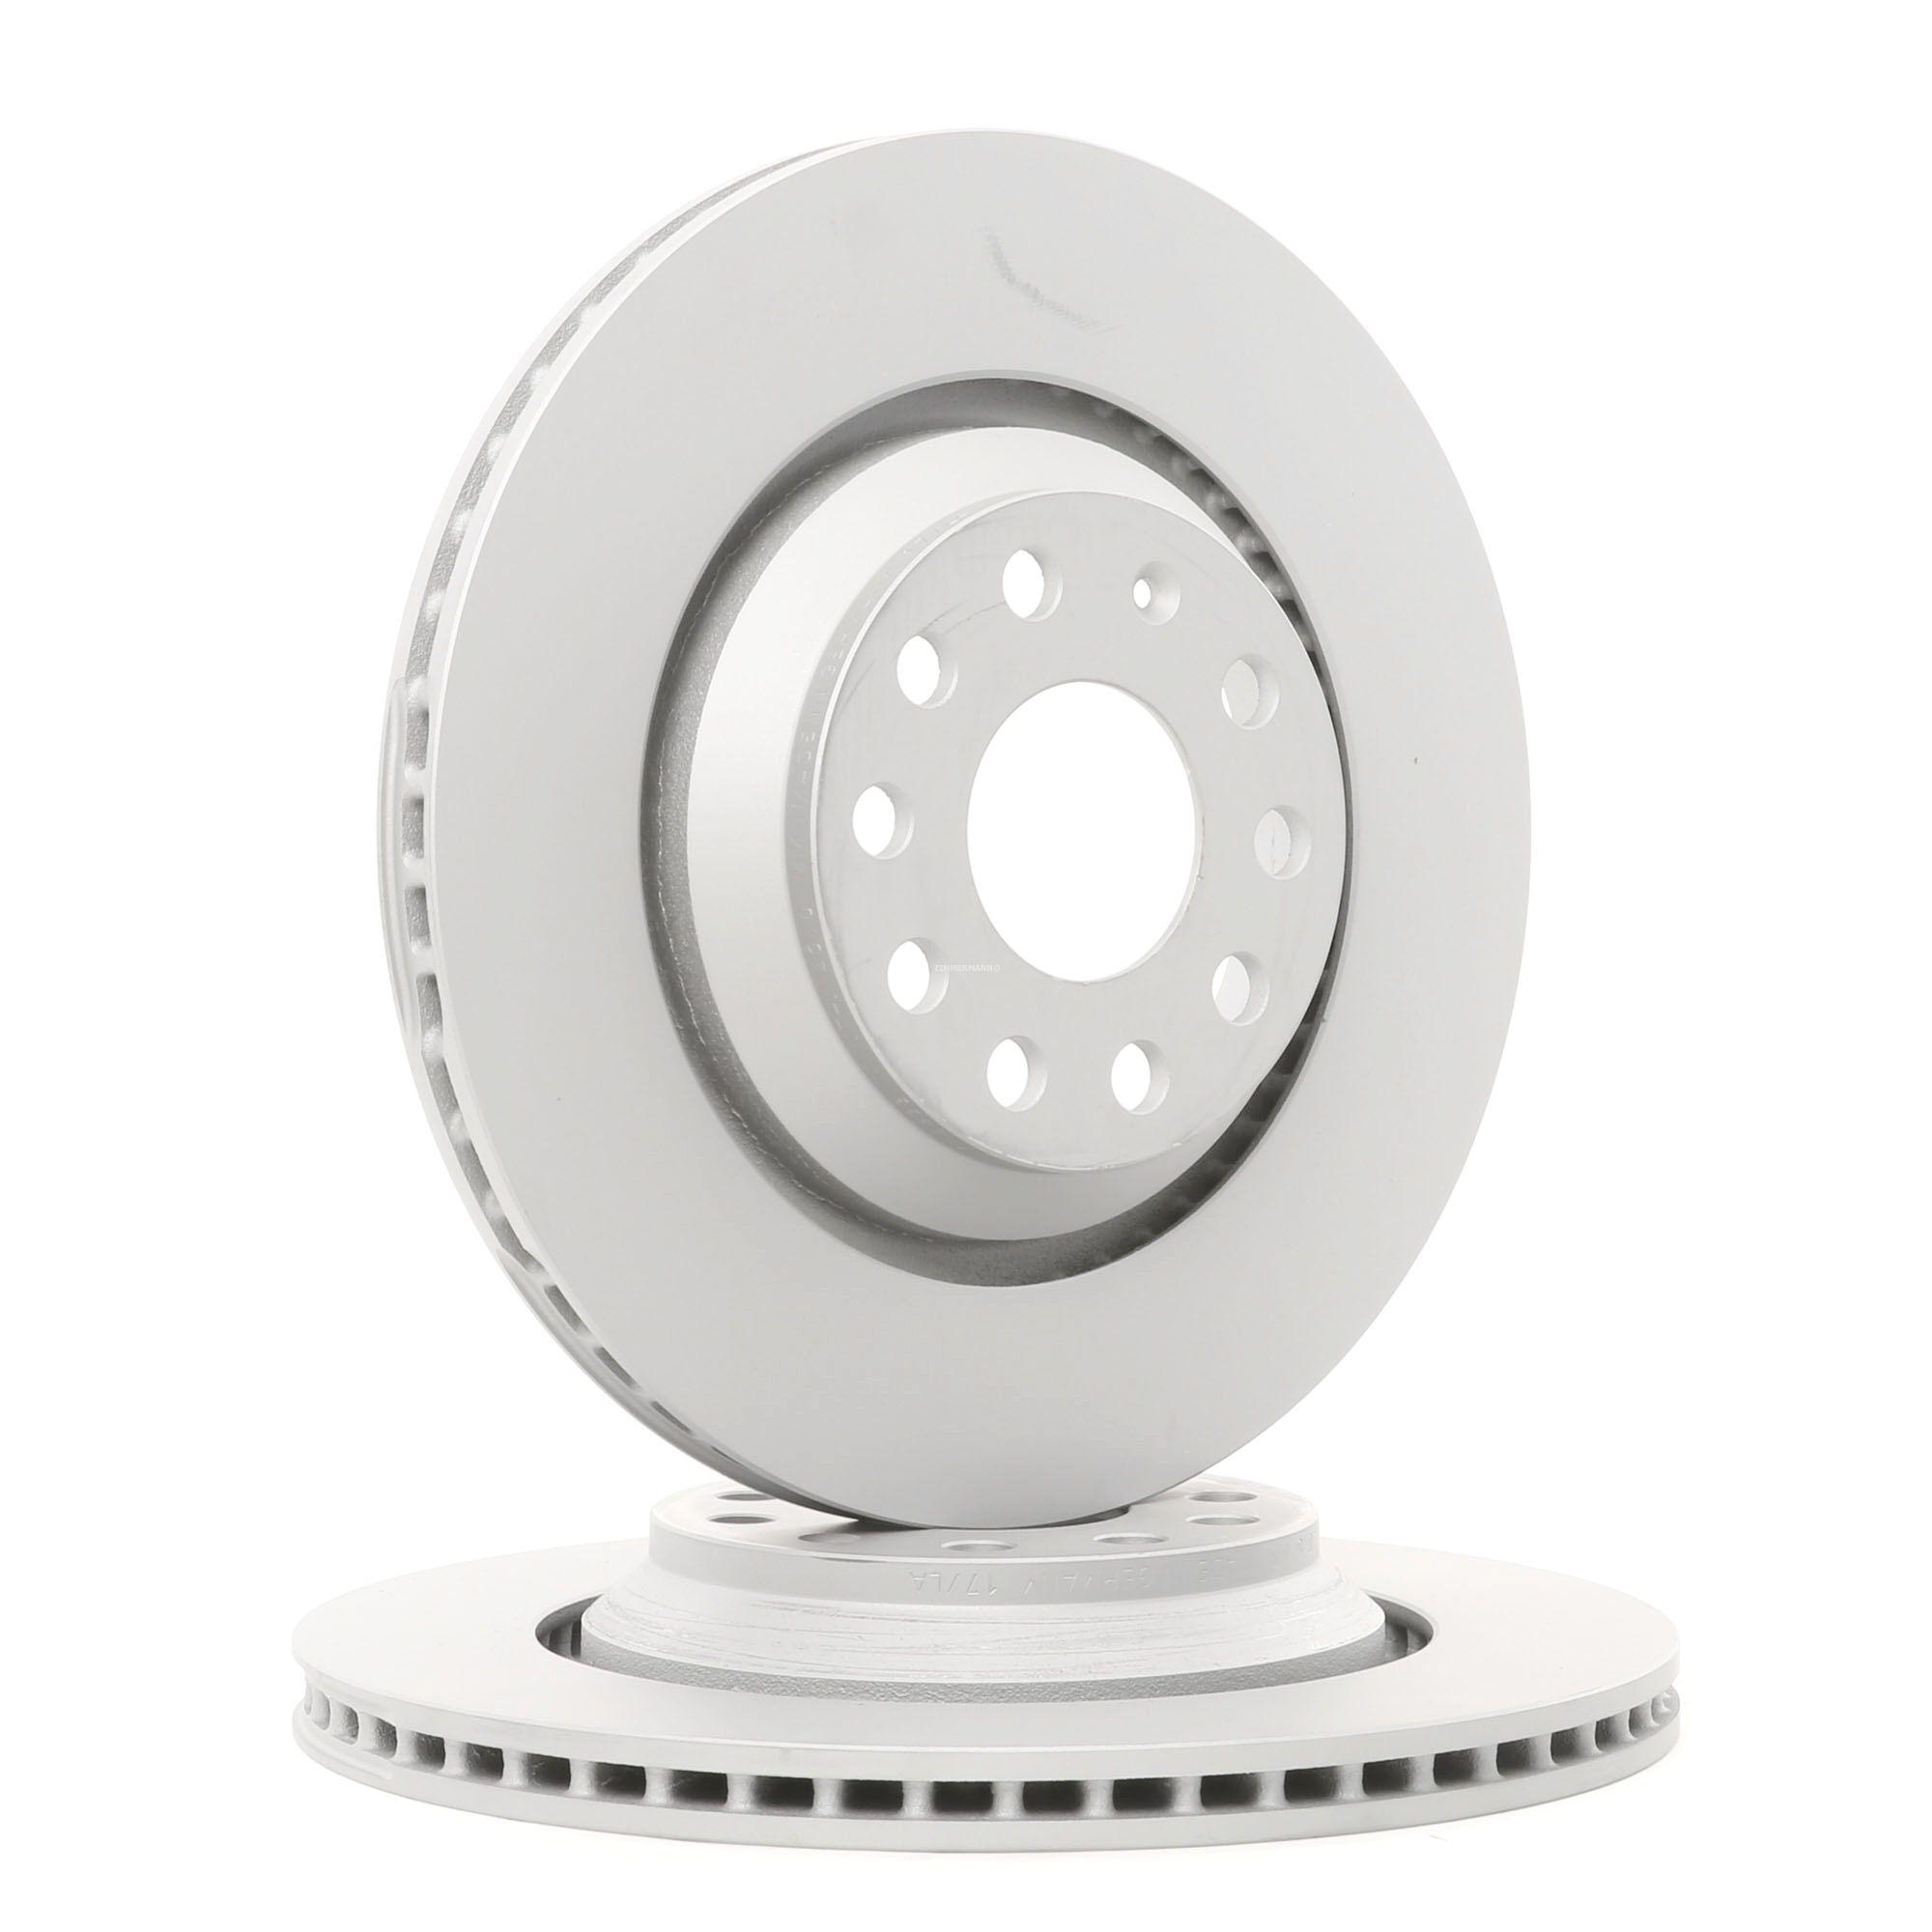 ZIMMERMANN Disc Brakes VW,AUDI,SKODA 100.3309.20 1K0615601N,5Q0615601E,1K0615601N Brake Rotors,Brake Discs,Disk Brakes,Brake Disc 5Q0615601E